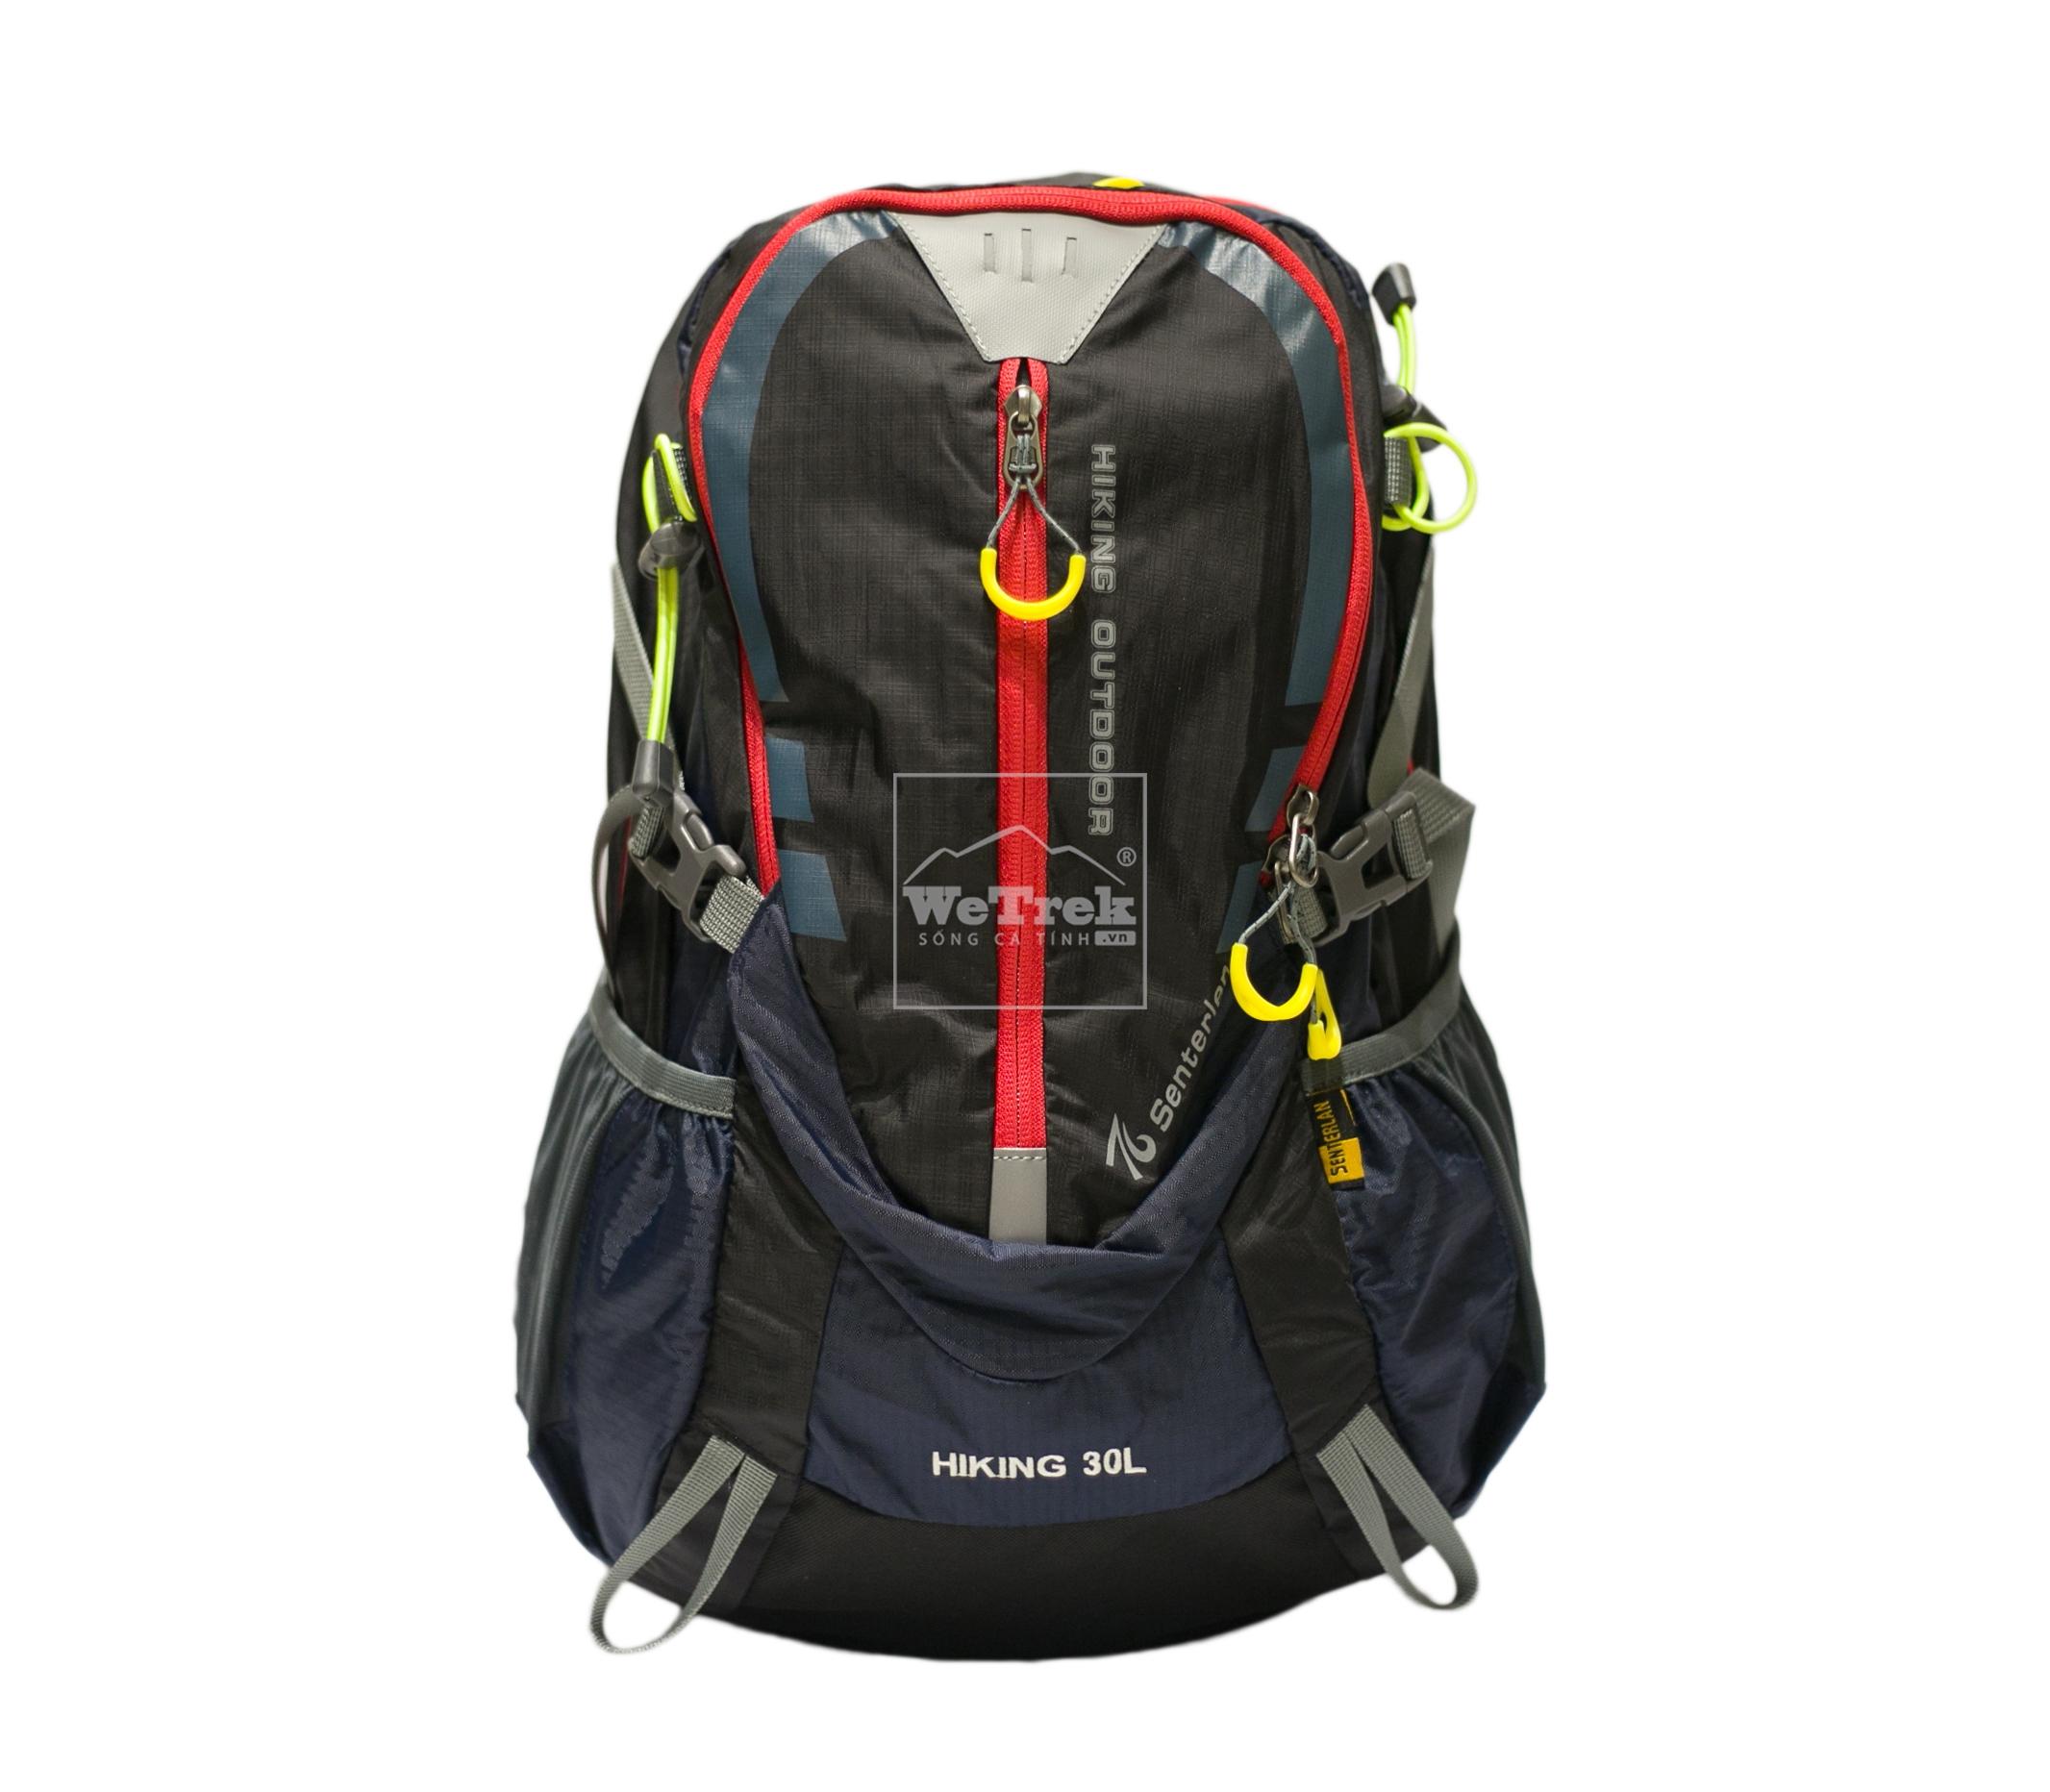 Balo leo núi Senterlan Hiking Outdoor S2316 - 8452 Đen